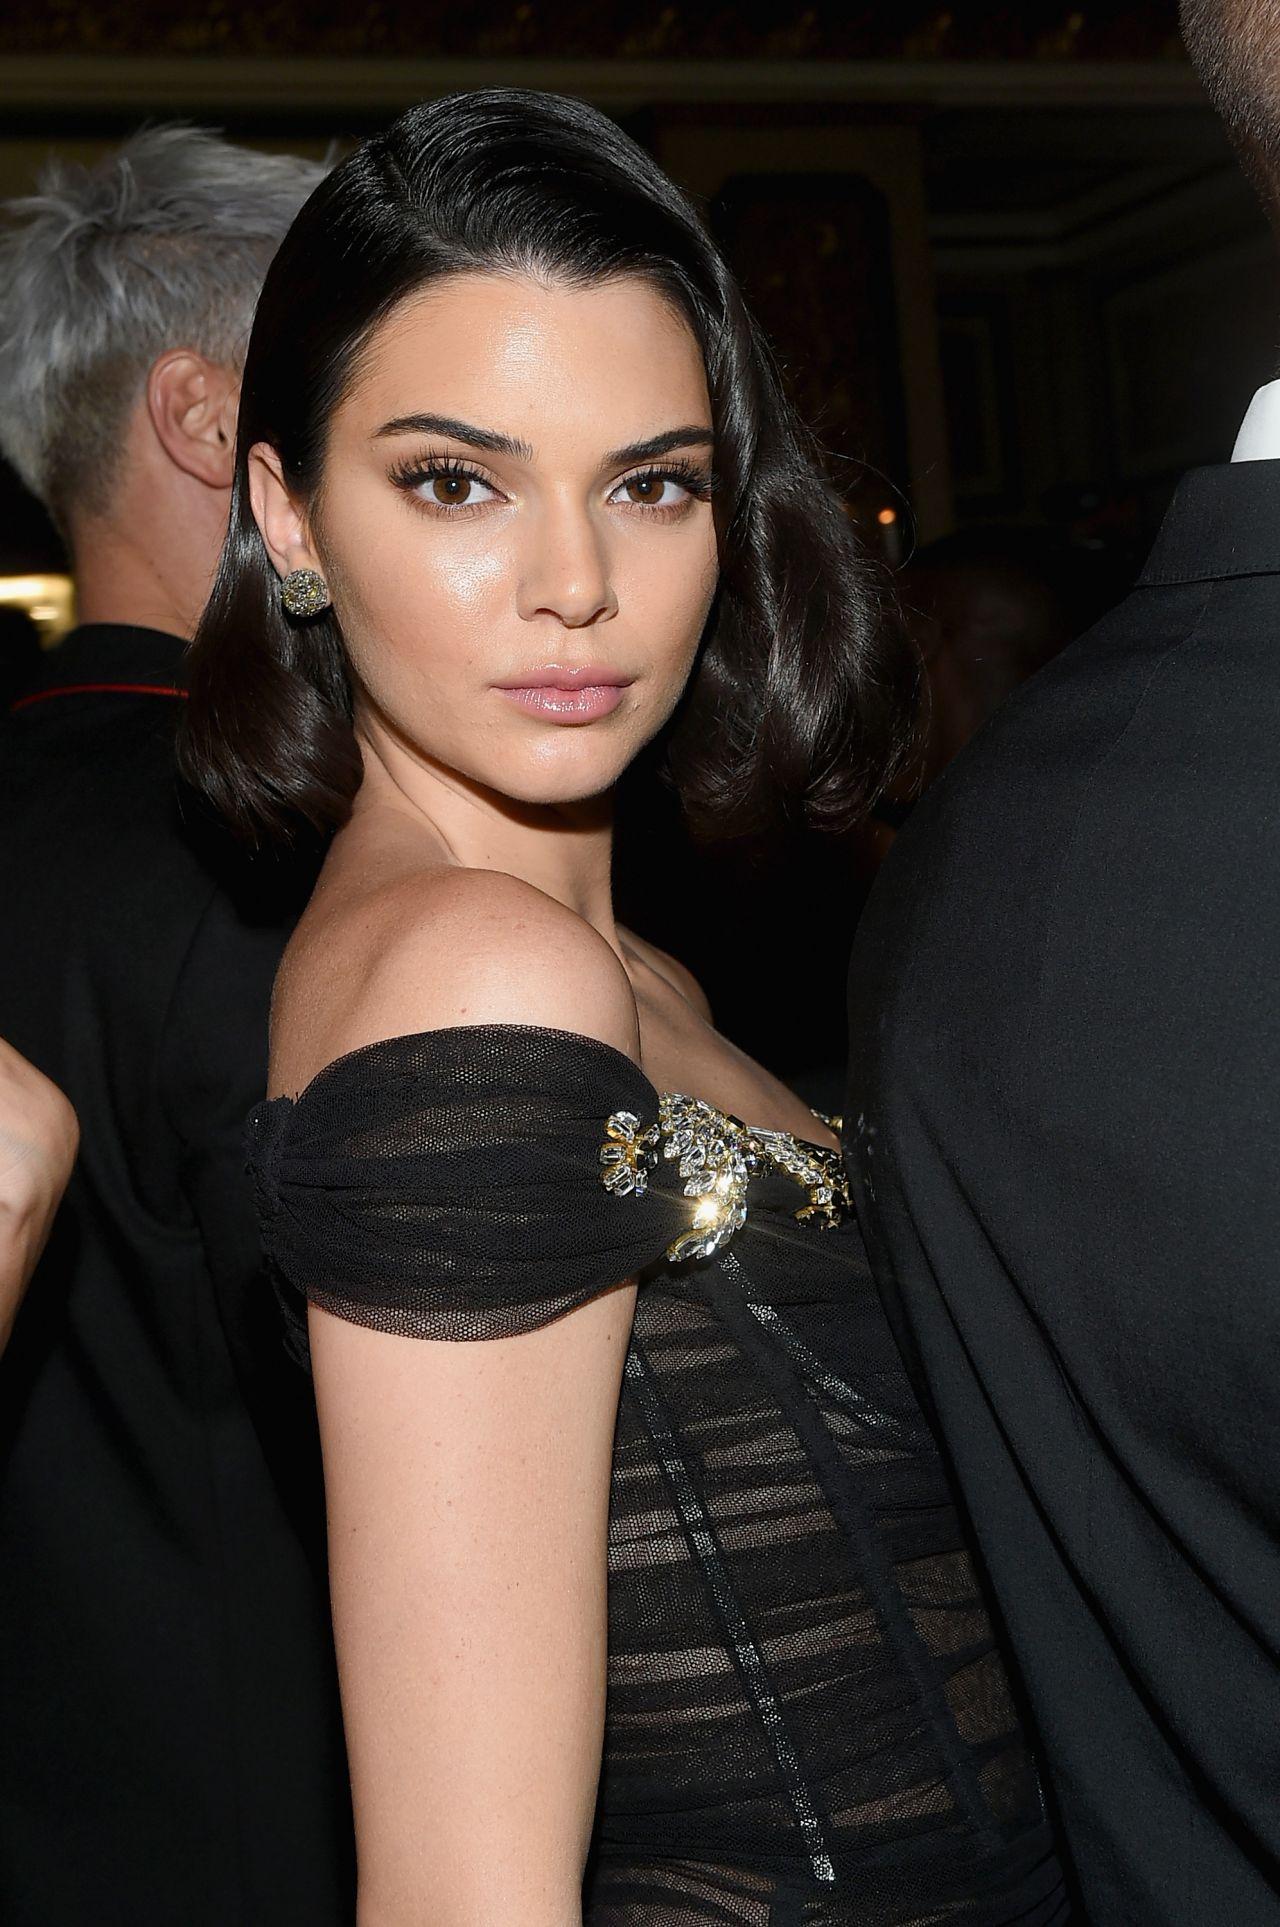 Başarılı model Kendall Jenner sexy siyah elbisesi ve kusursuz güzelliği ile katıldığı geceye damga vurdu. HD foto galeriyi görüntülemek için buraya tıklayın.